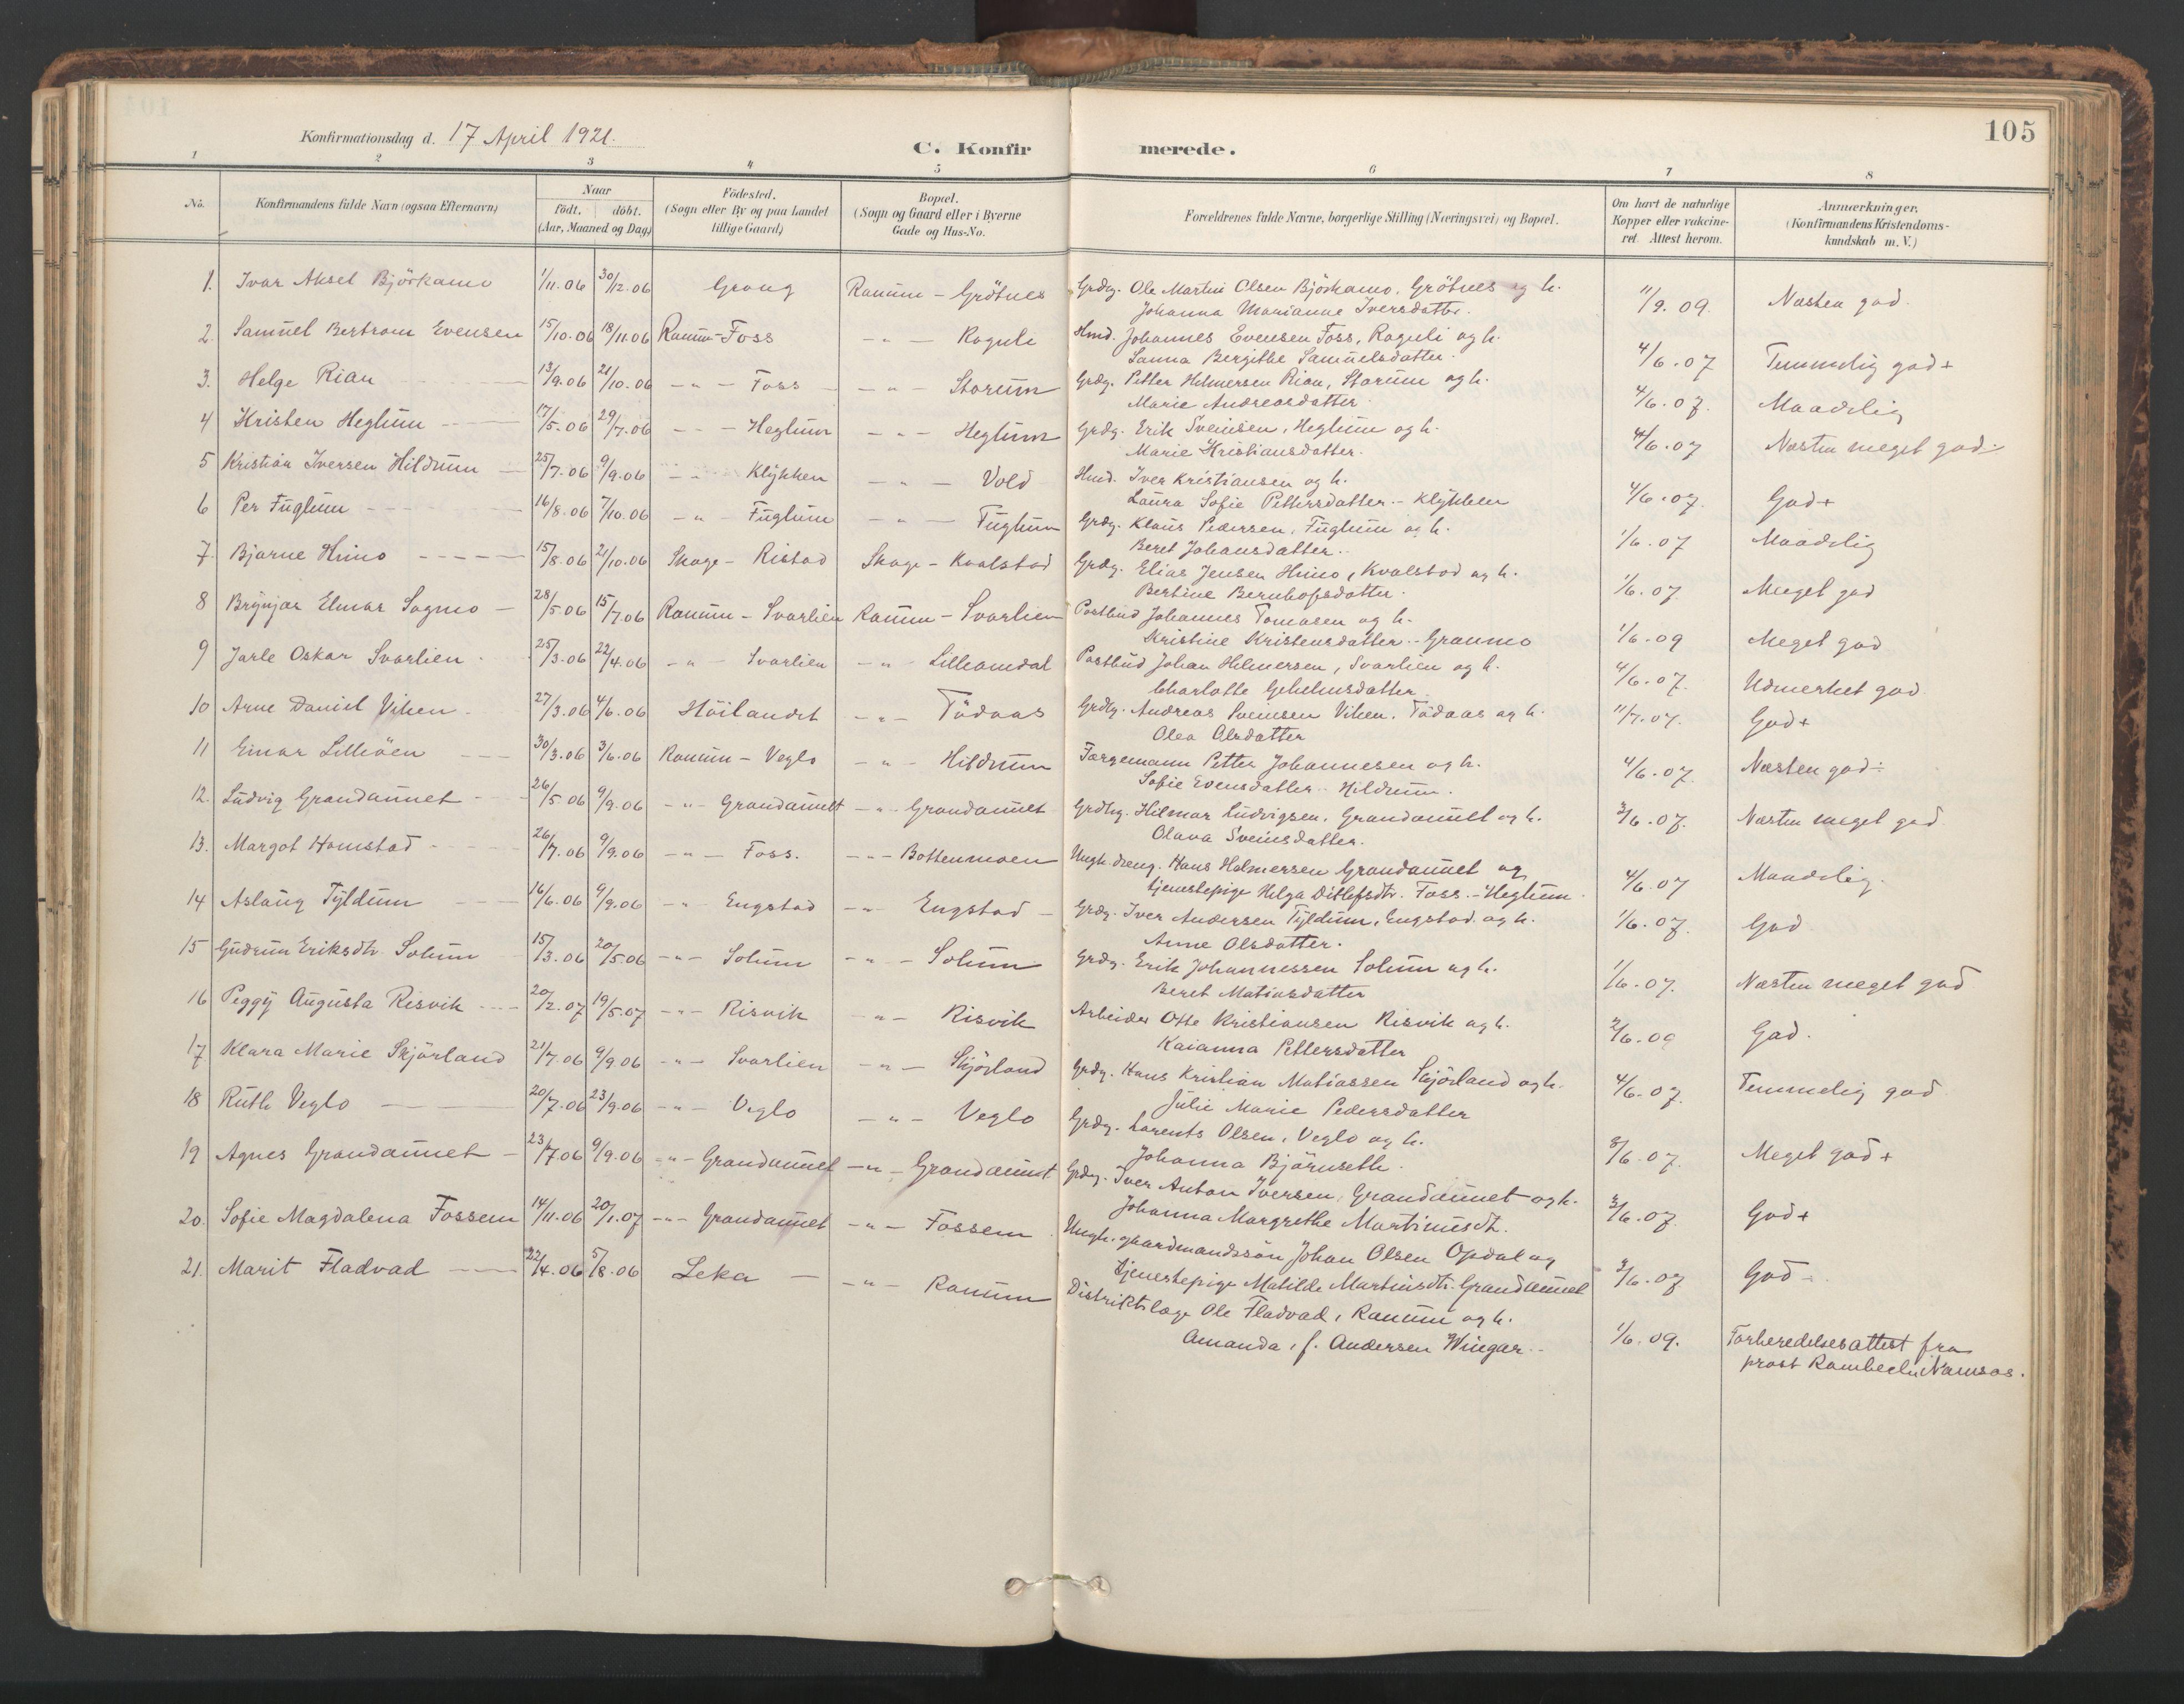 SAT, Ministerialprotokoller, klokkerbøker og fødselsregistre - Nord-Trøndelag, 764/L0556: Ministerialbok nr. 764A11, 1897-1924, s. 105